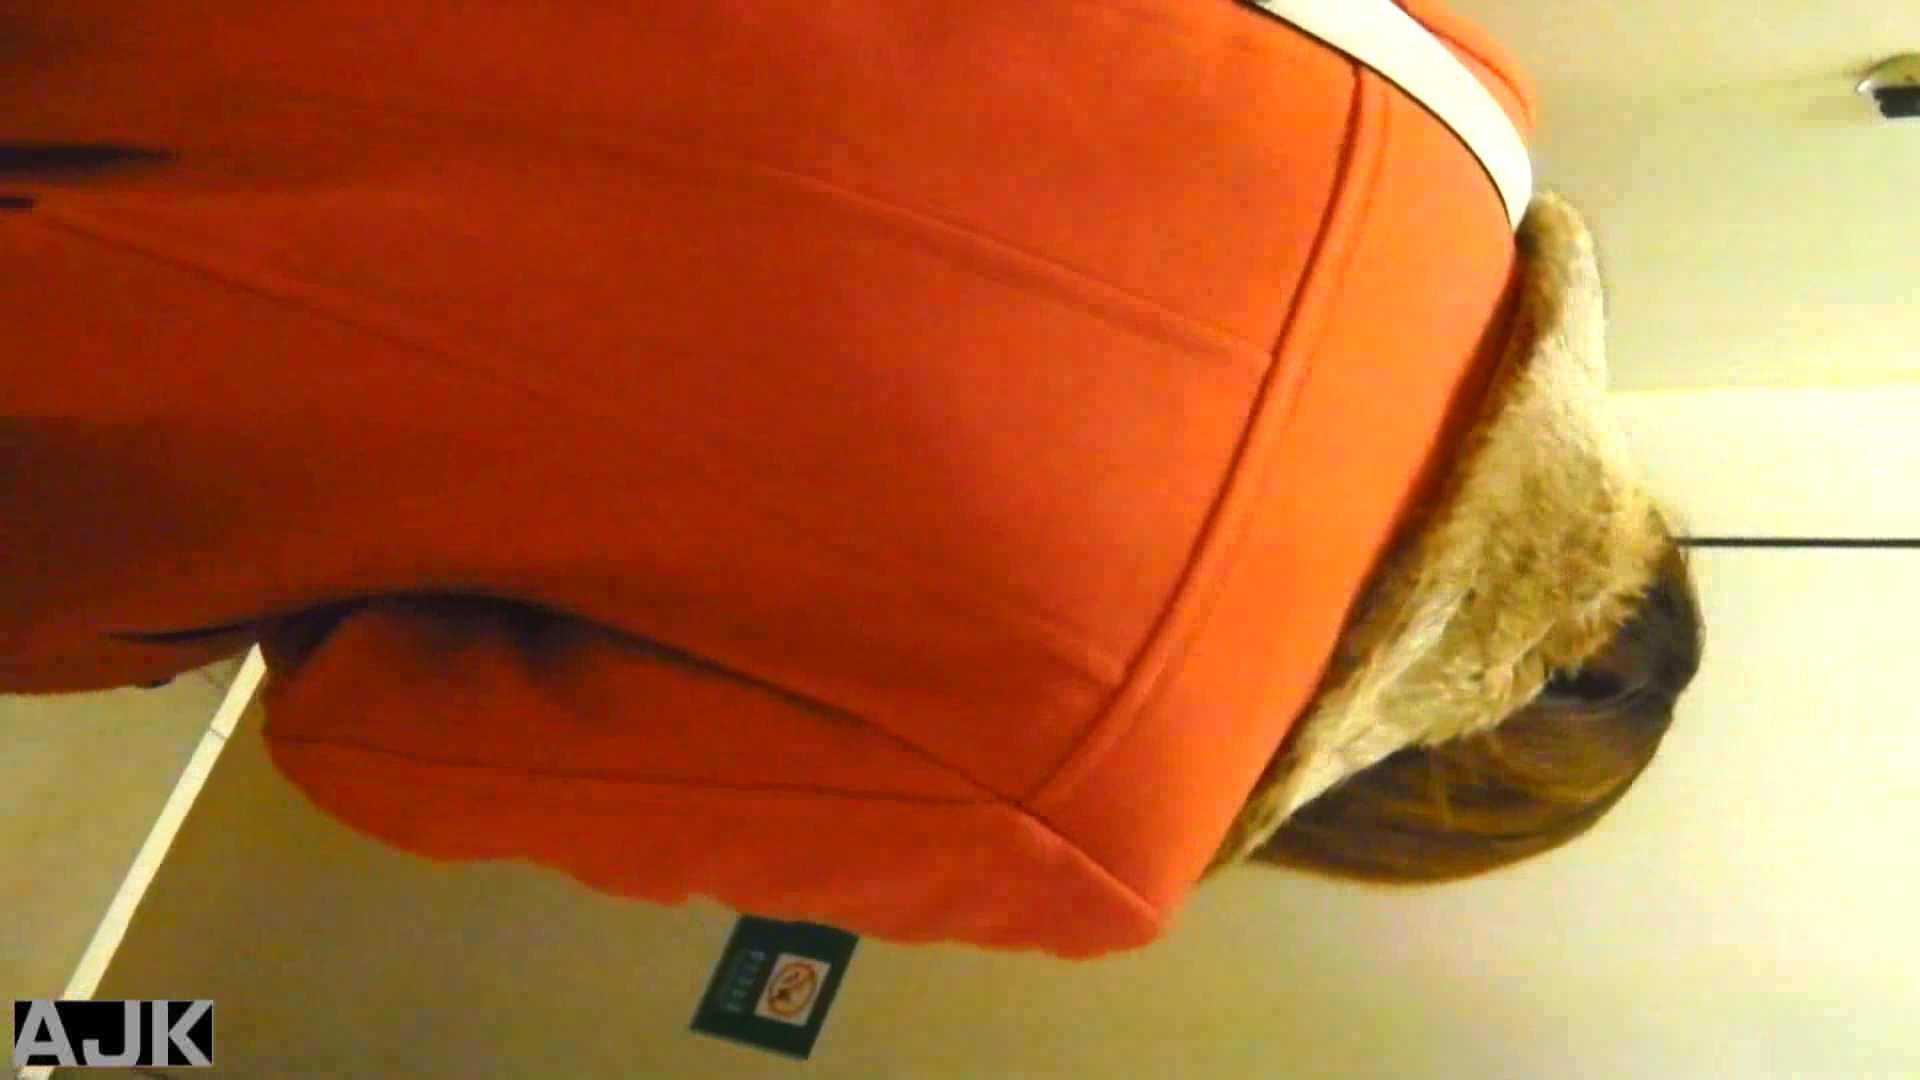 神降臨!史上最強の潜入かわや! vol.01 モロだしオマンコ   マンコ・ムレムレ  106pic 106